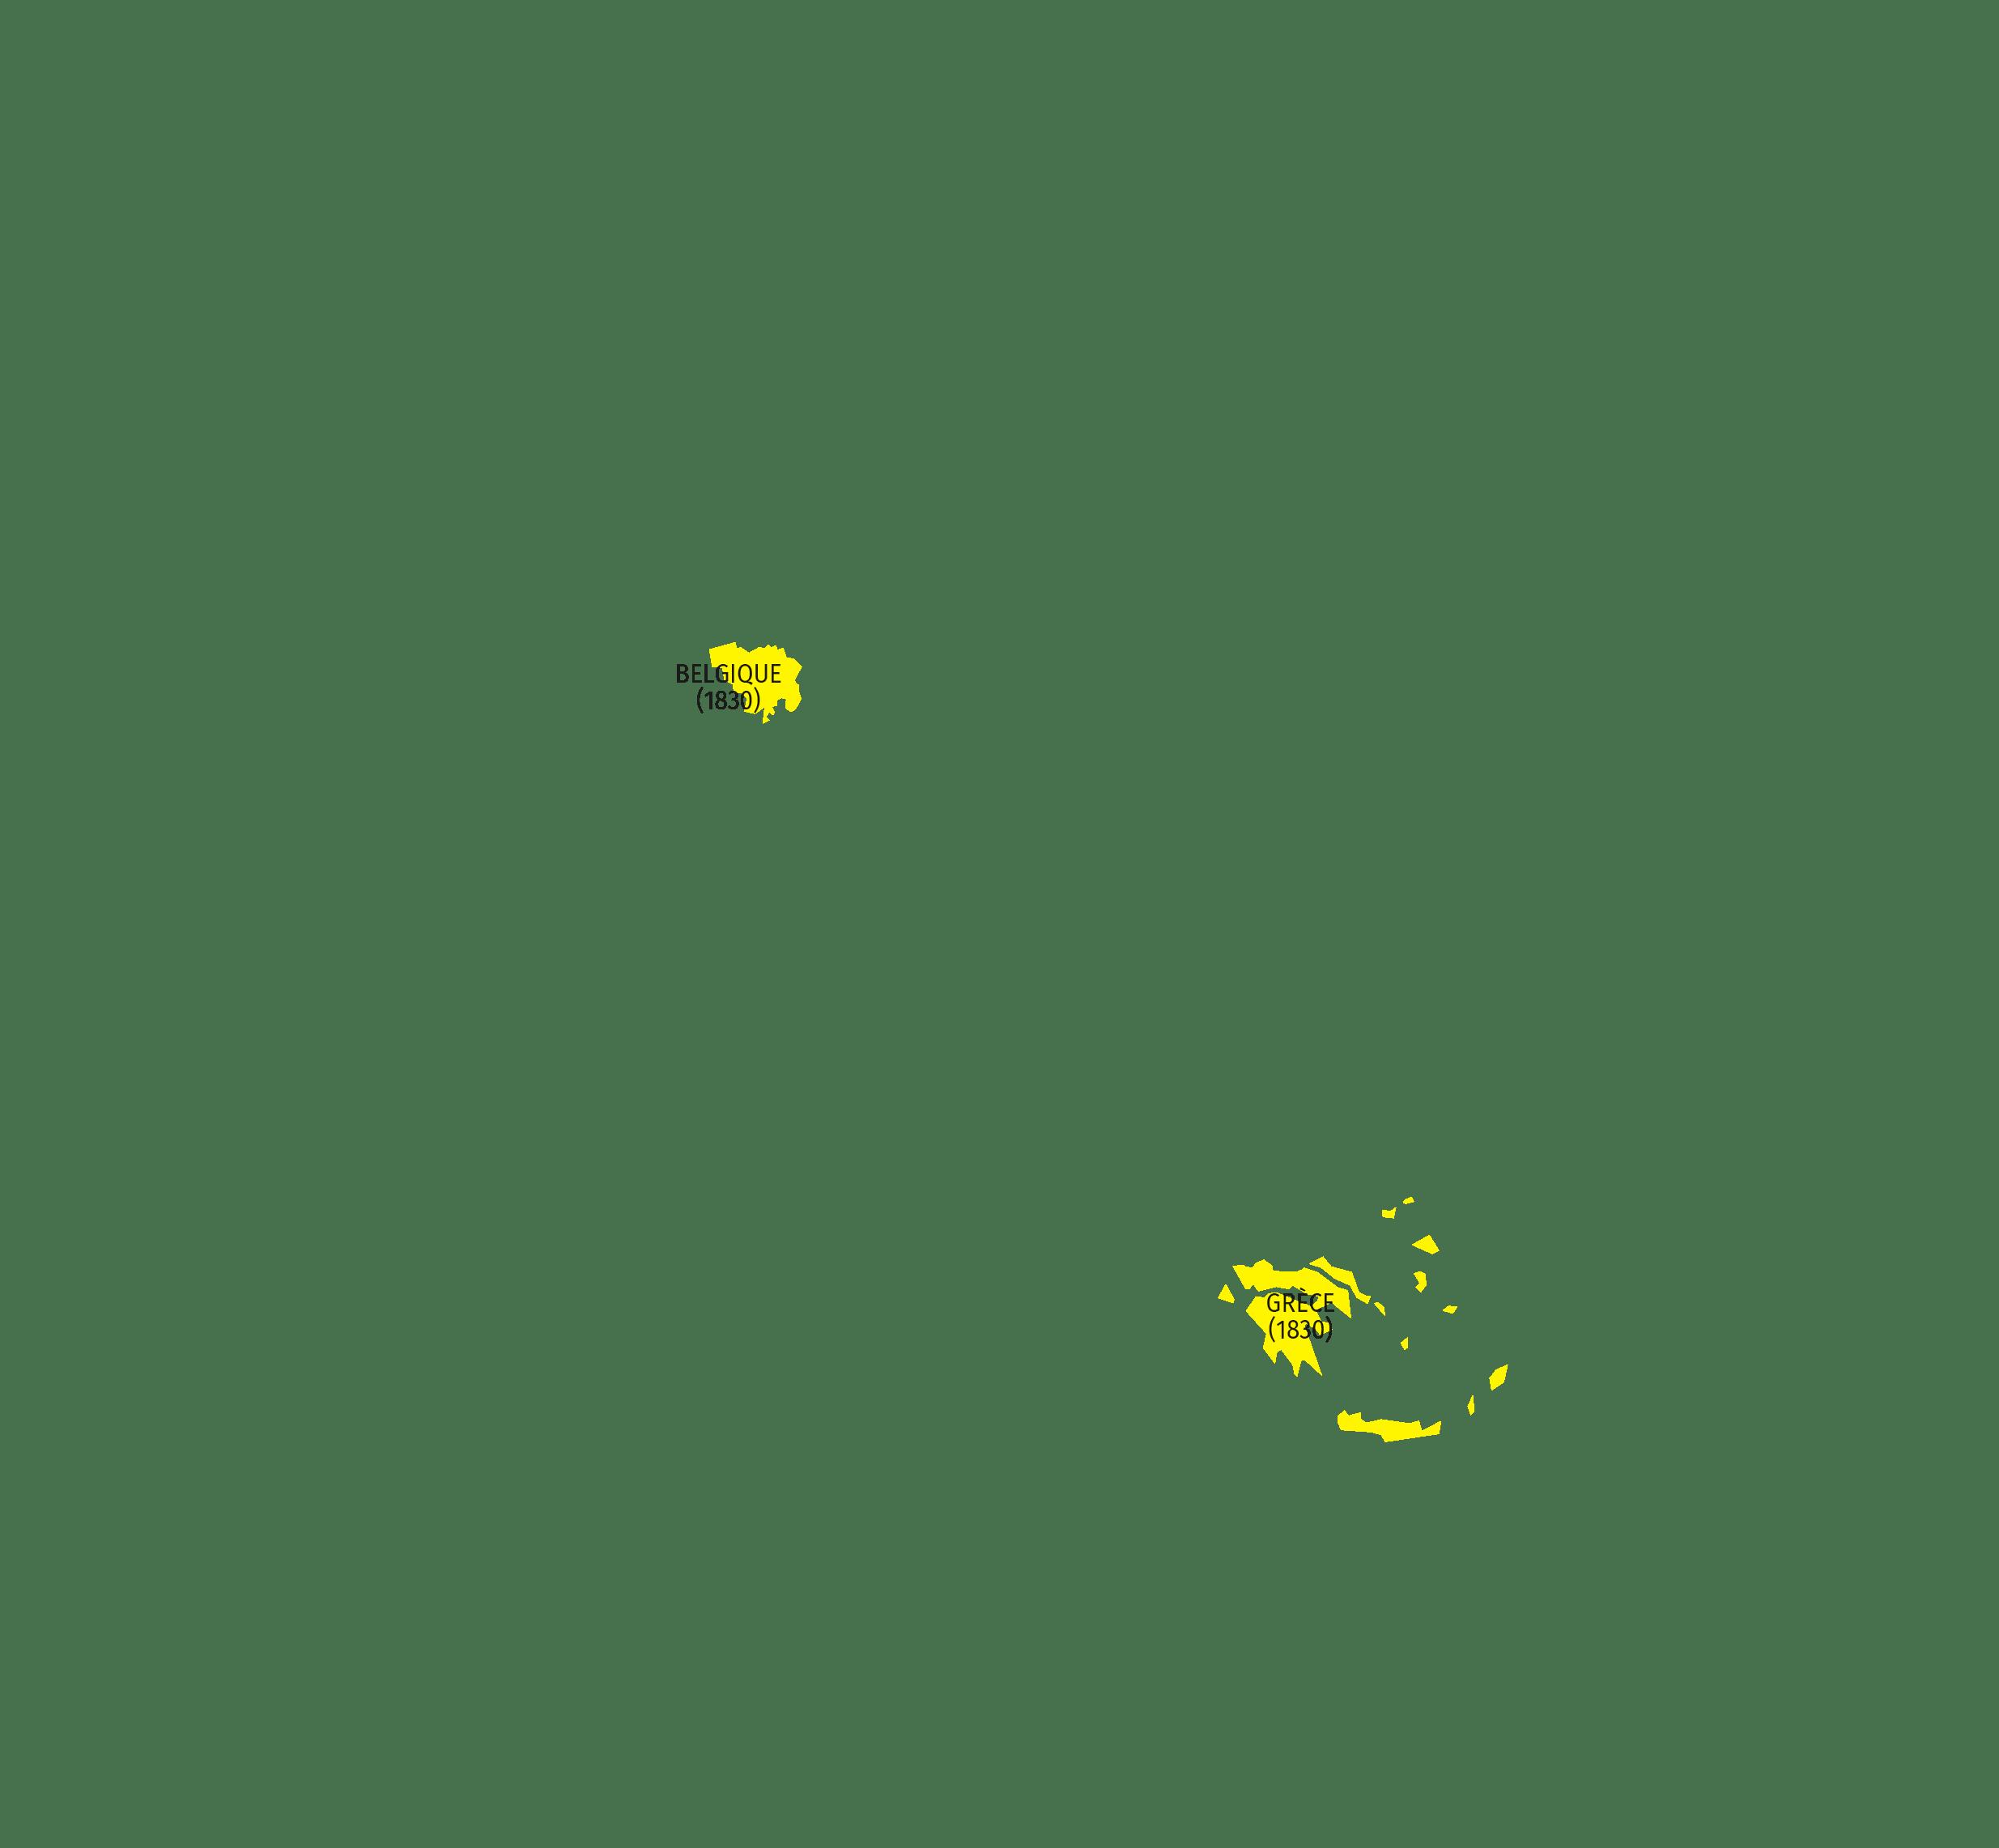 De nouveaux États